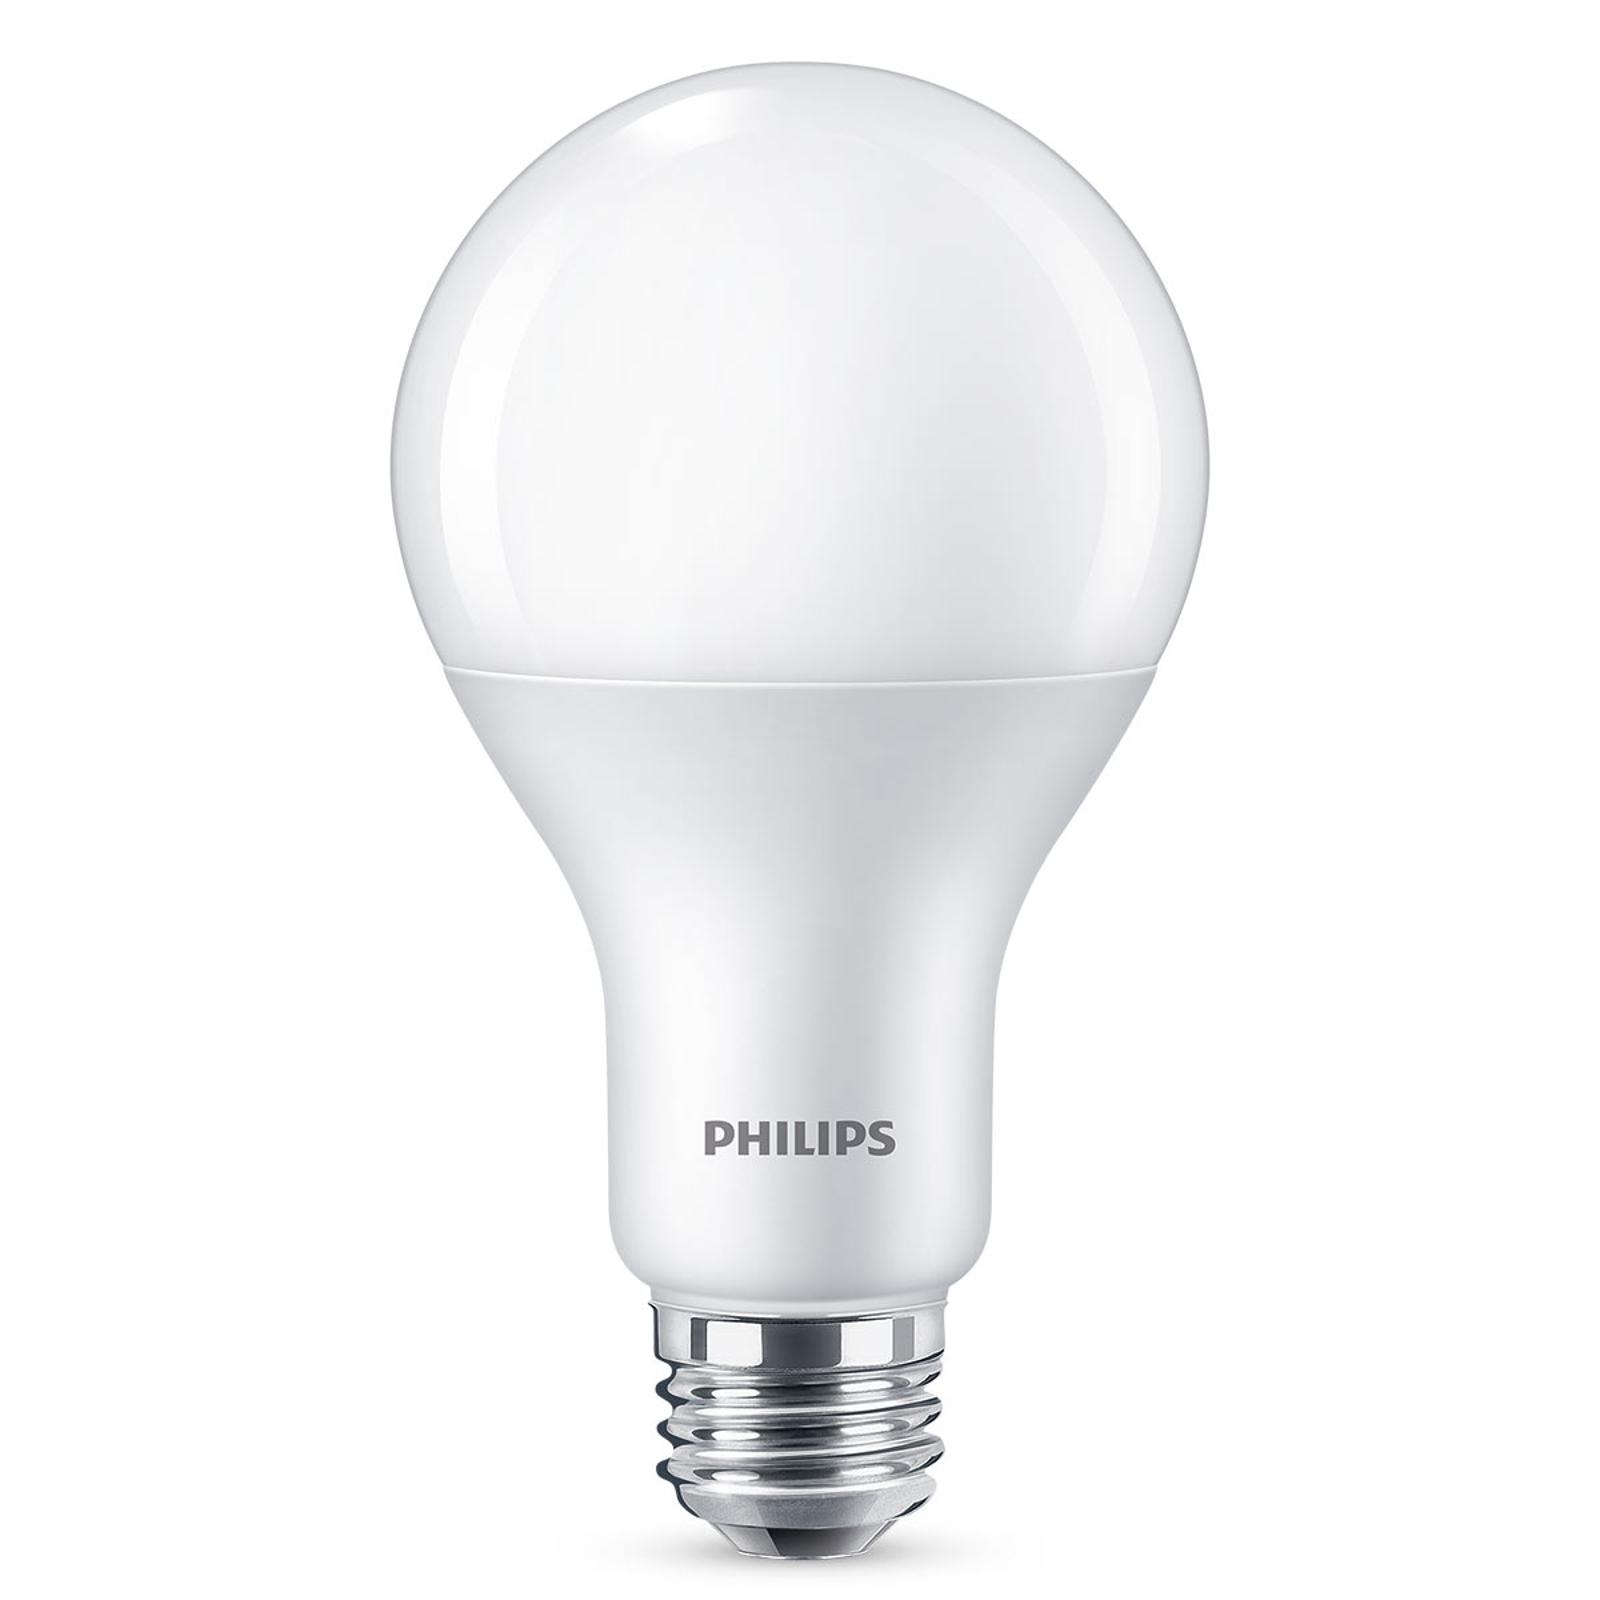 Philips E27 LED-pære 17,5 W varmhvit matt